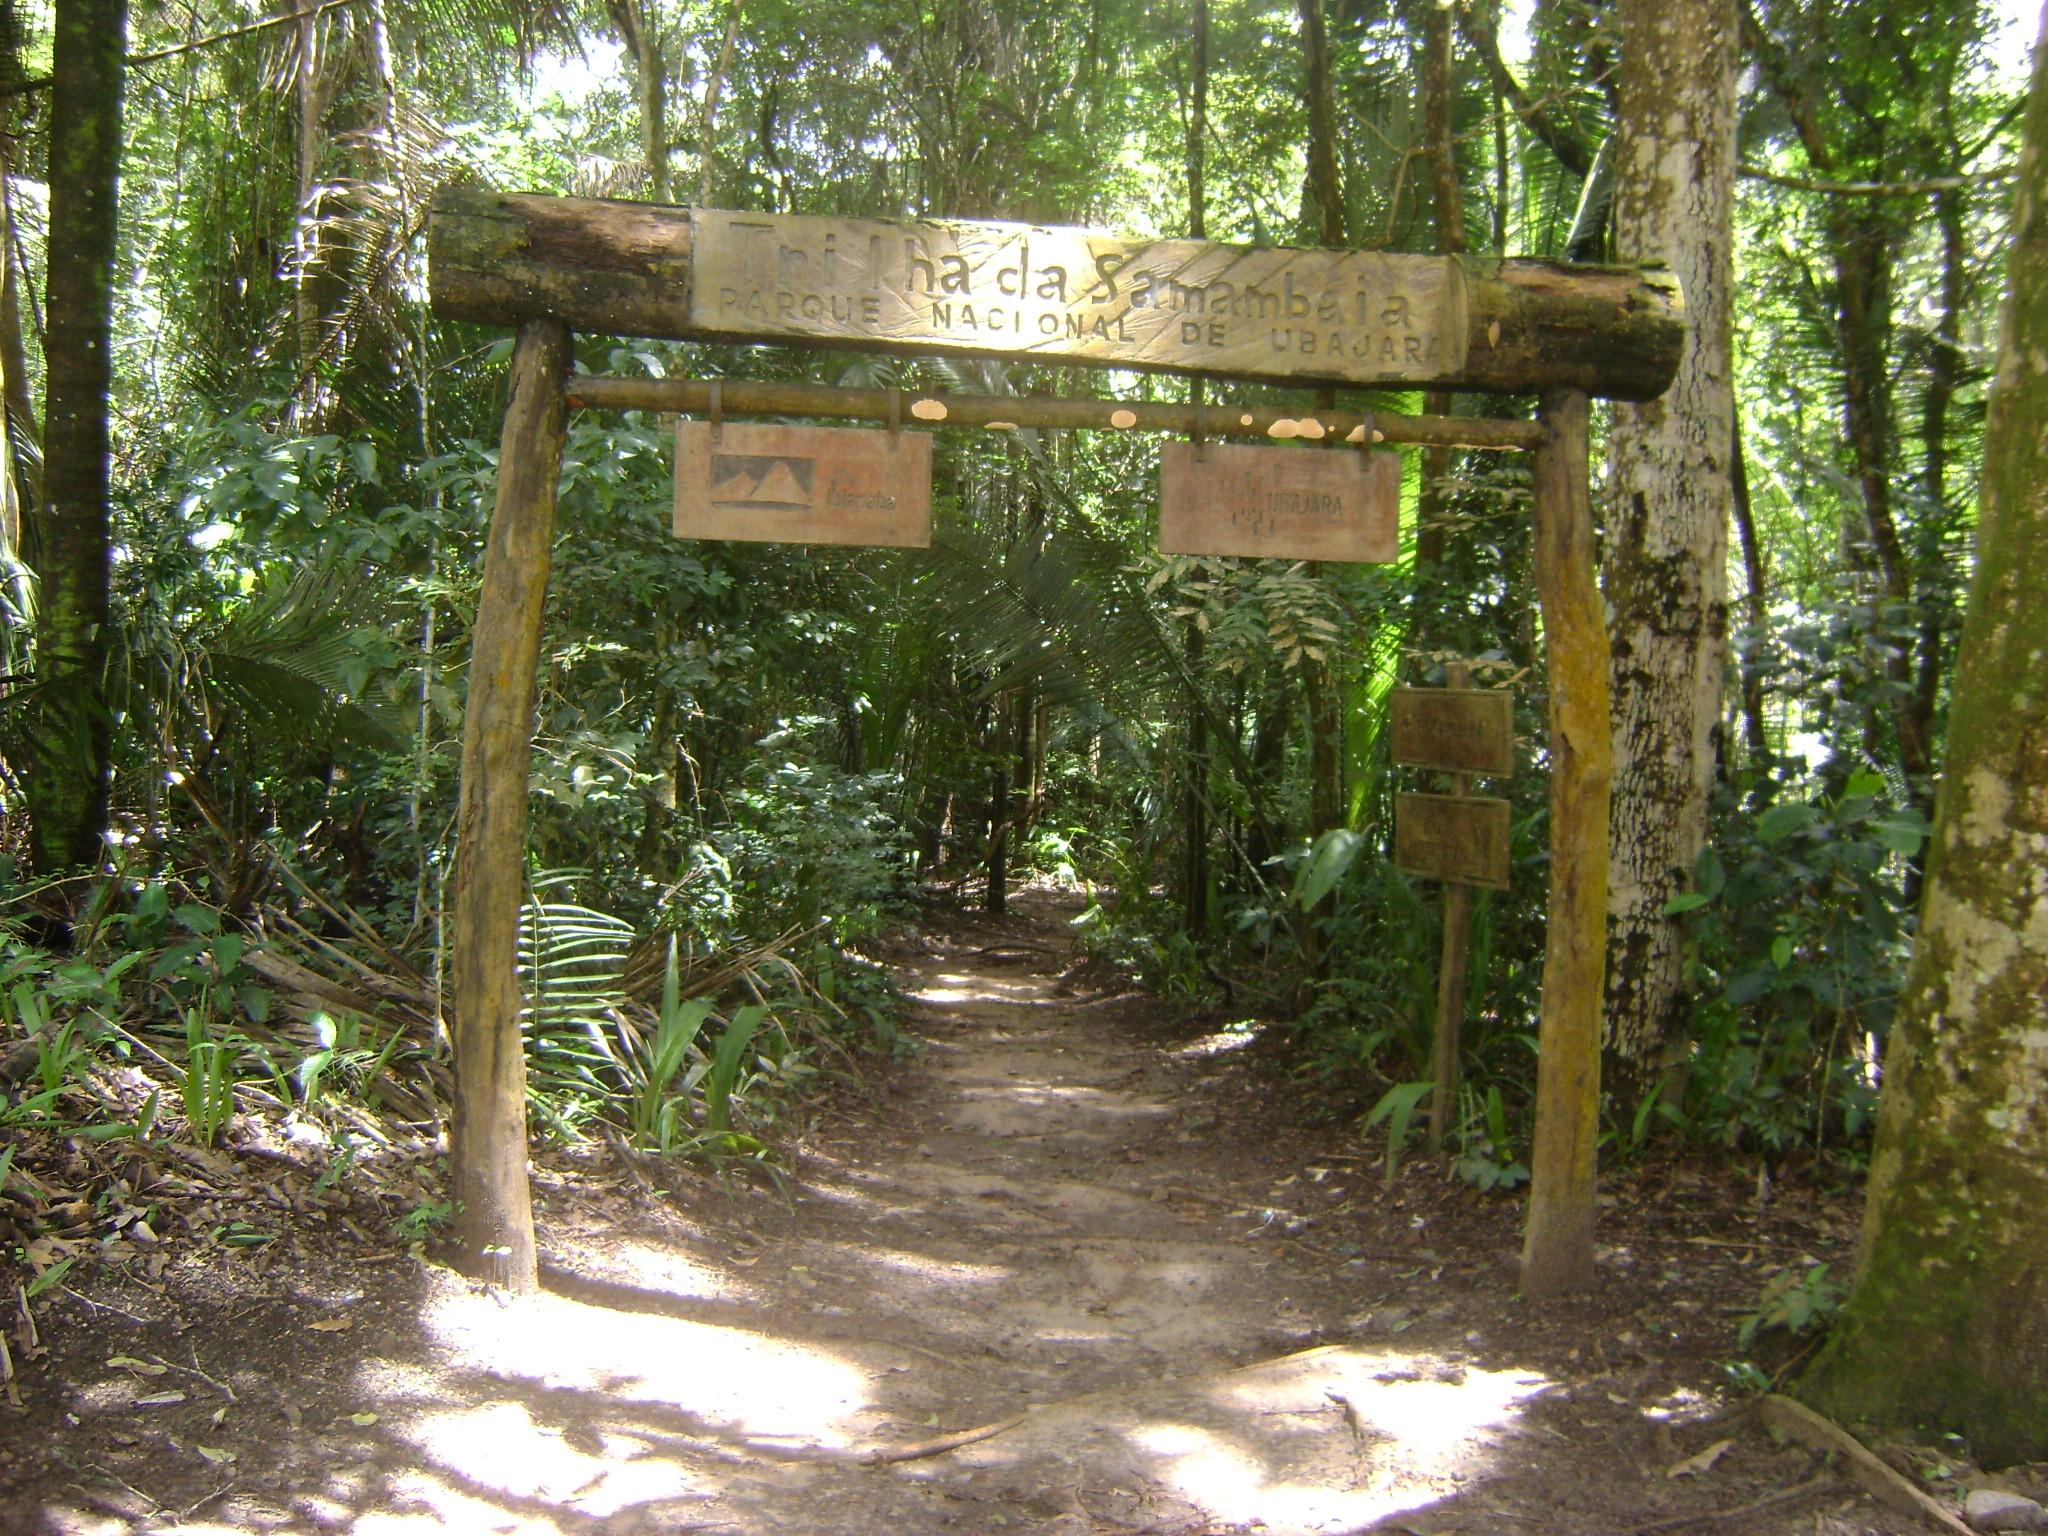 Parque Nacional de Ubajara realiza passeio da Lua Cheia